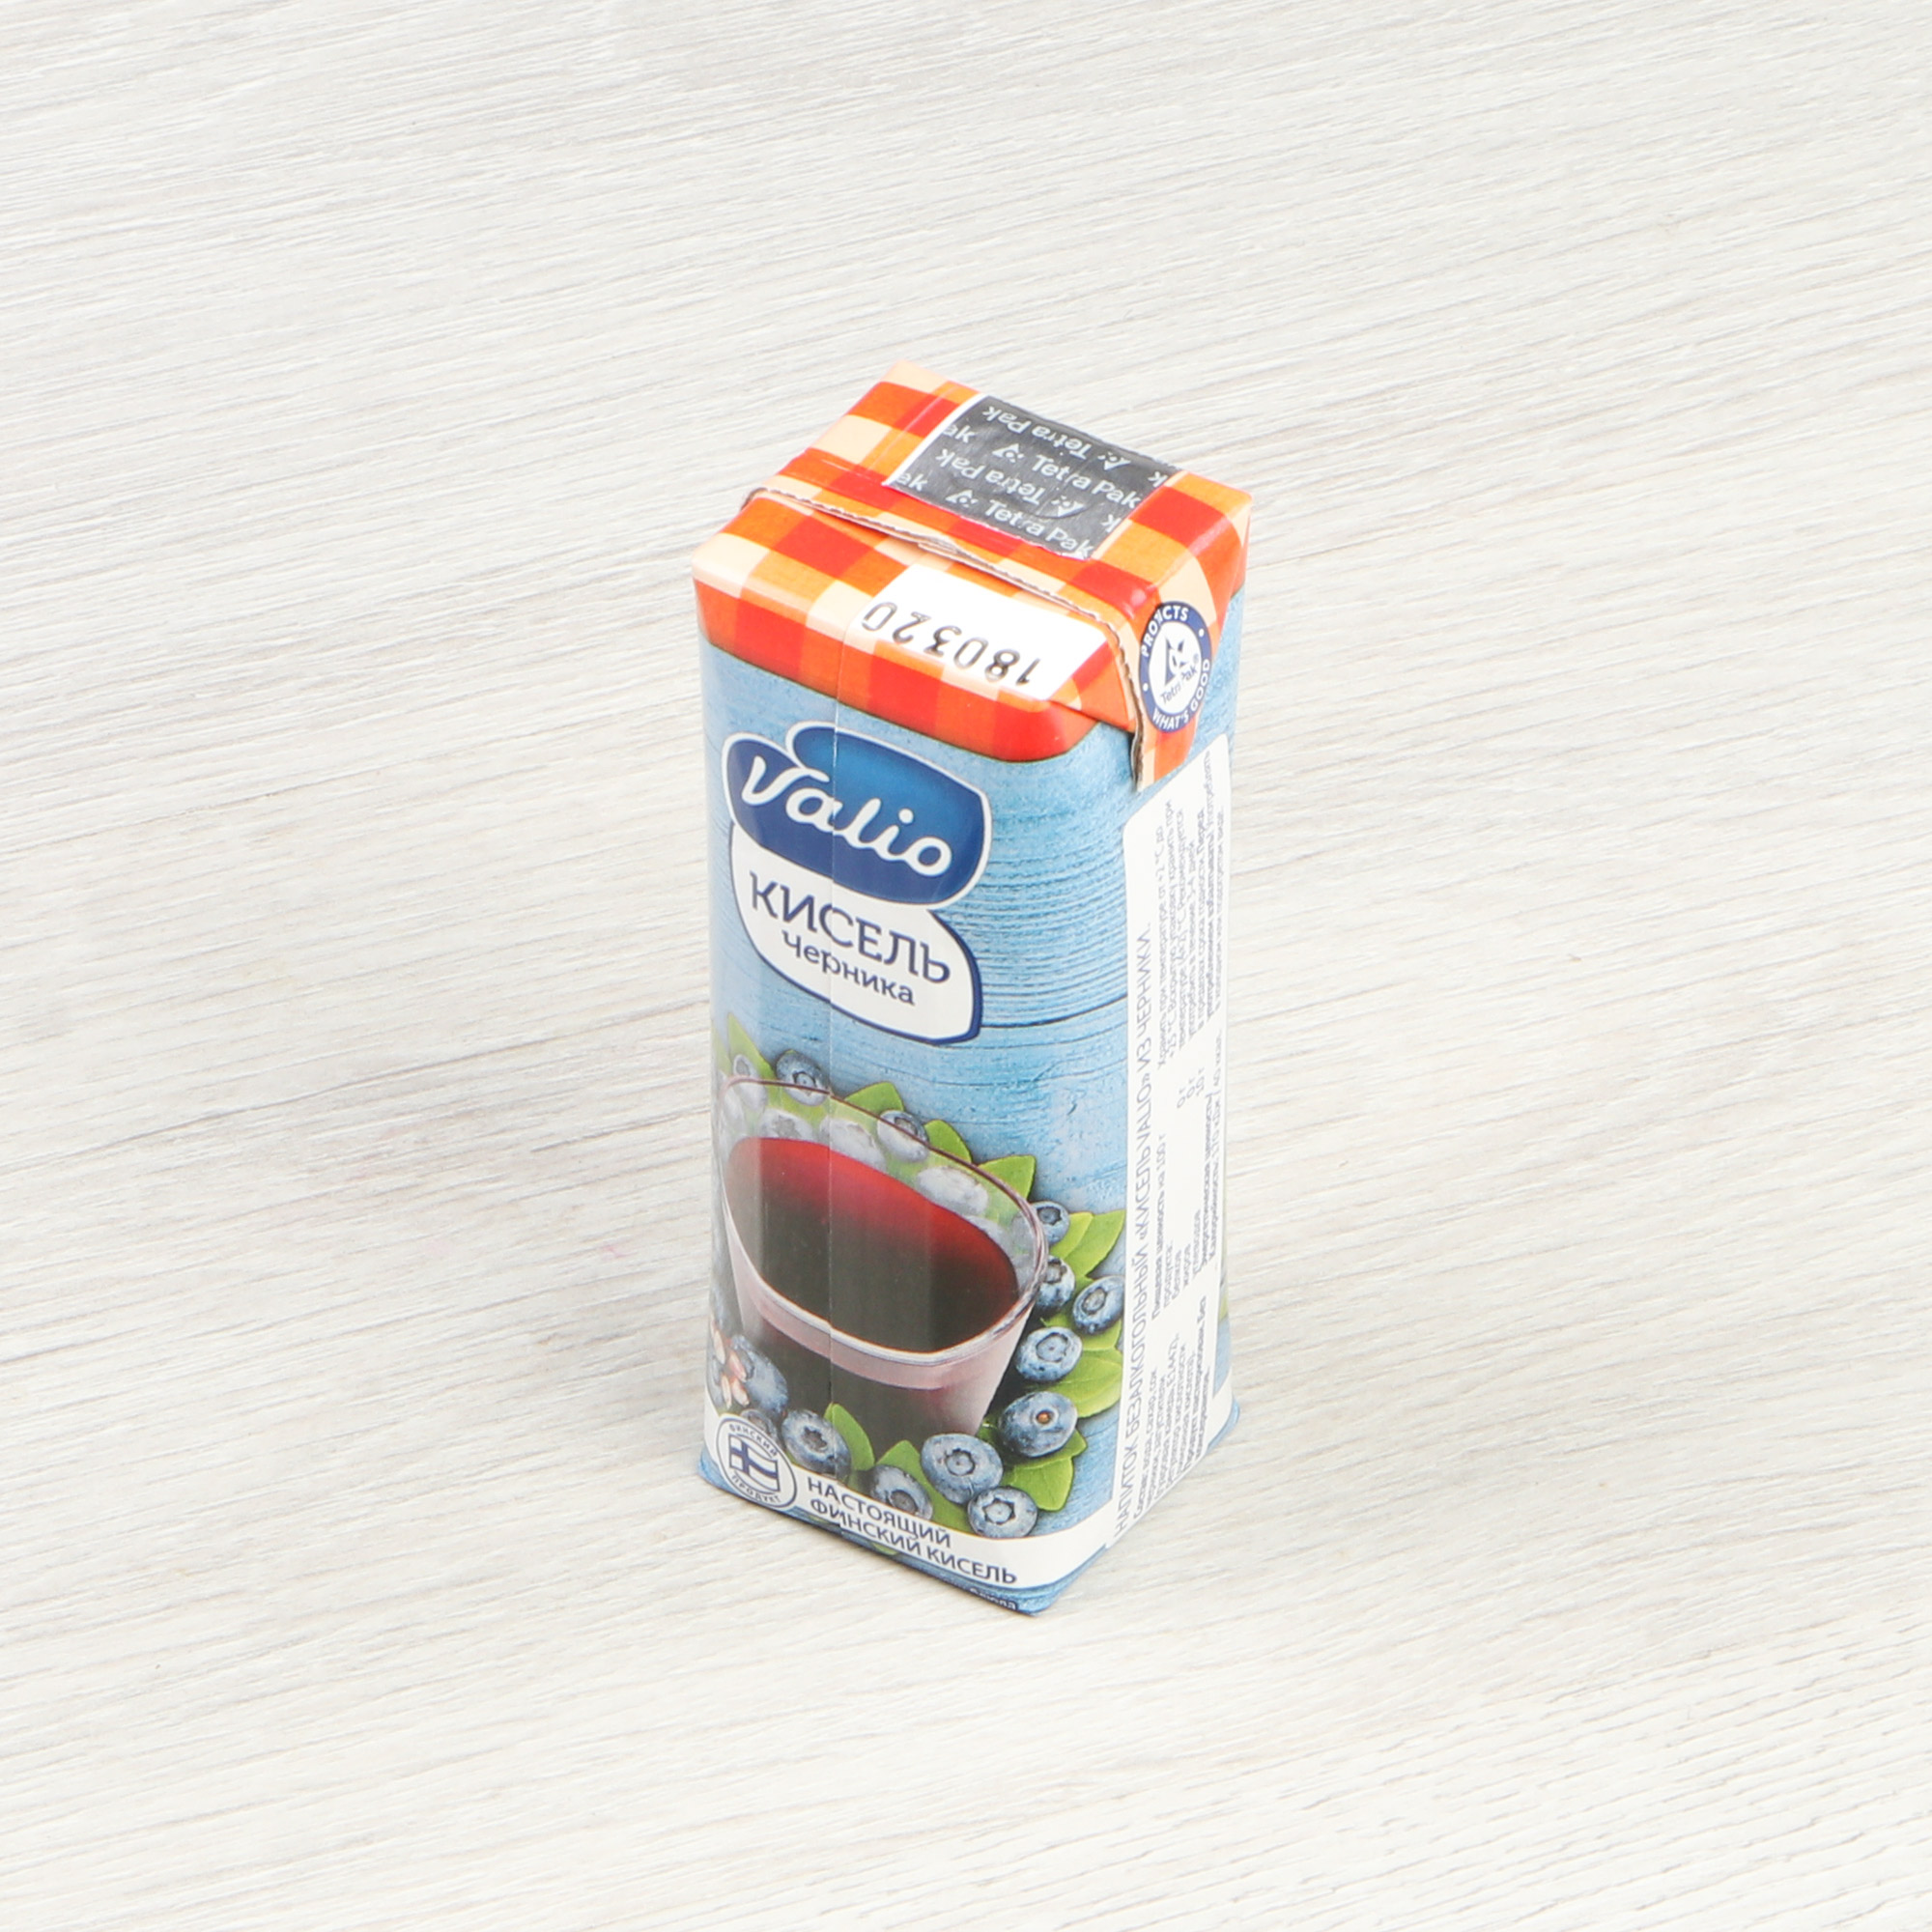 Фото - Кисель Valio черника 250 г йогурт valio clean label малибу